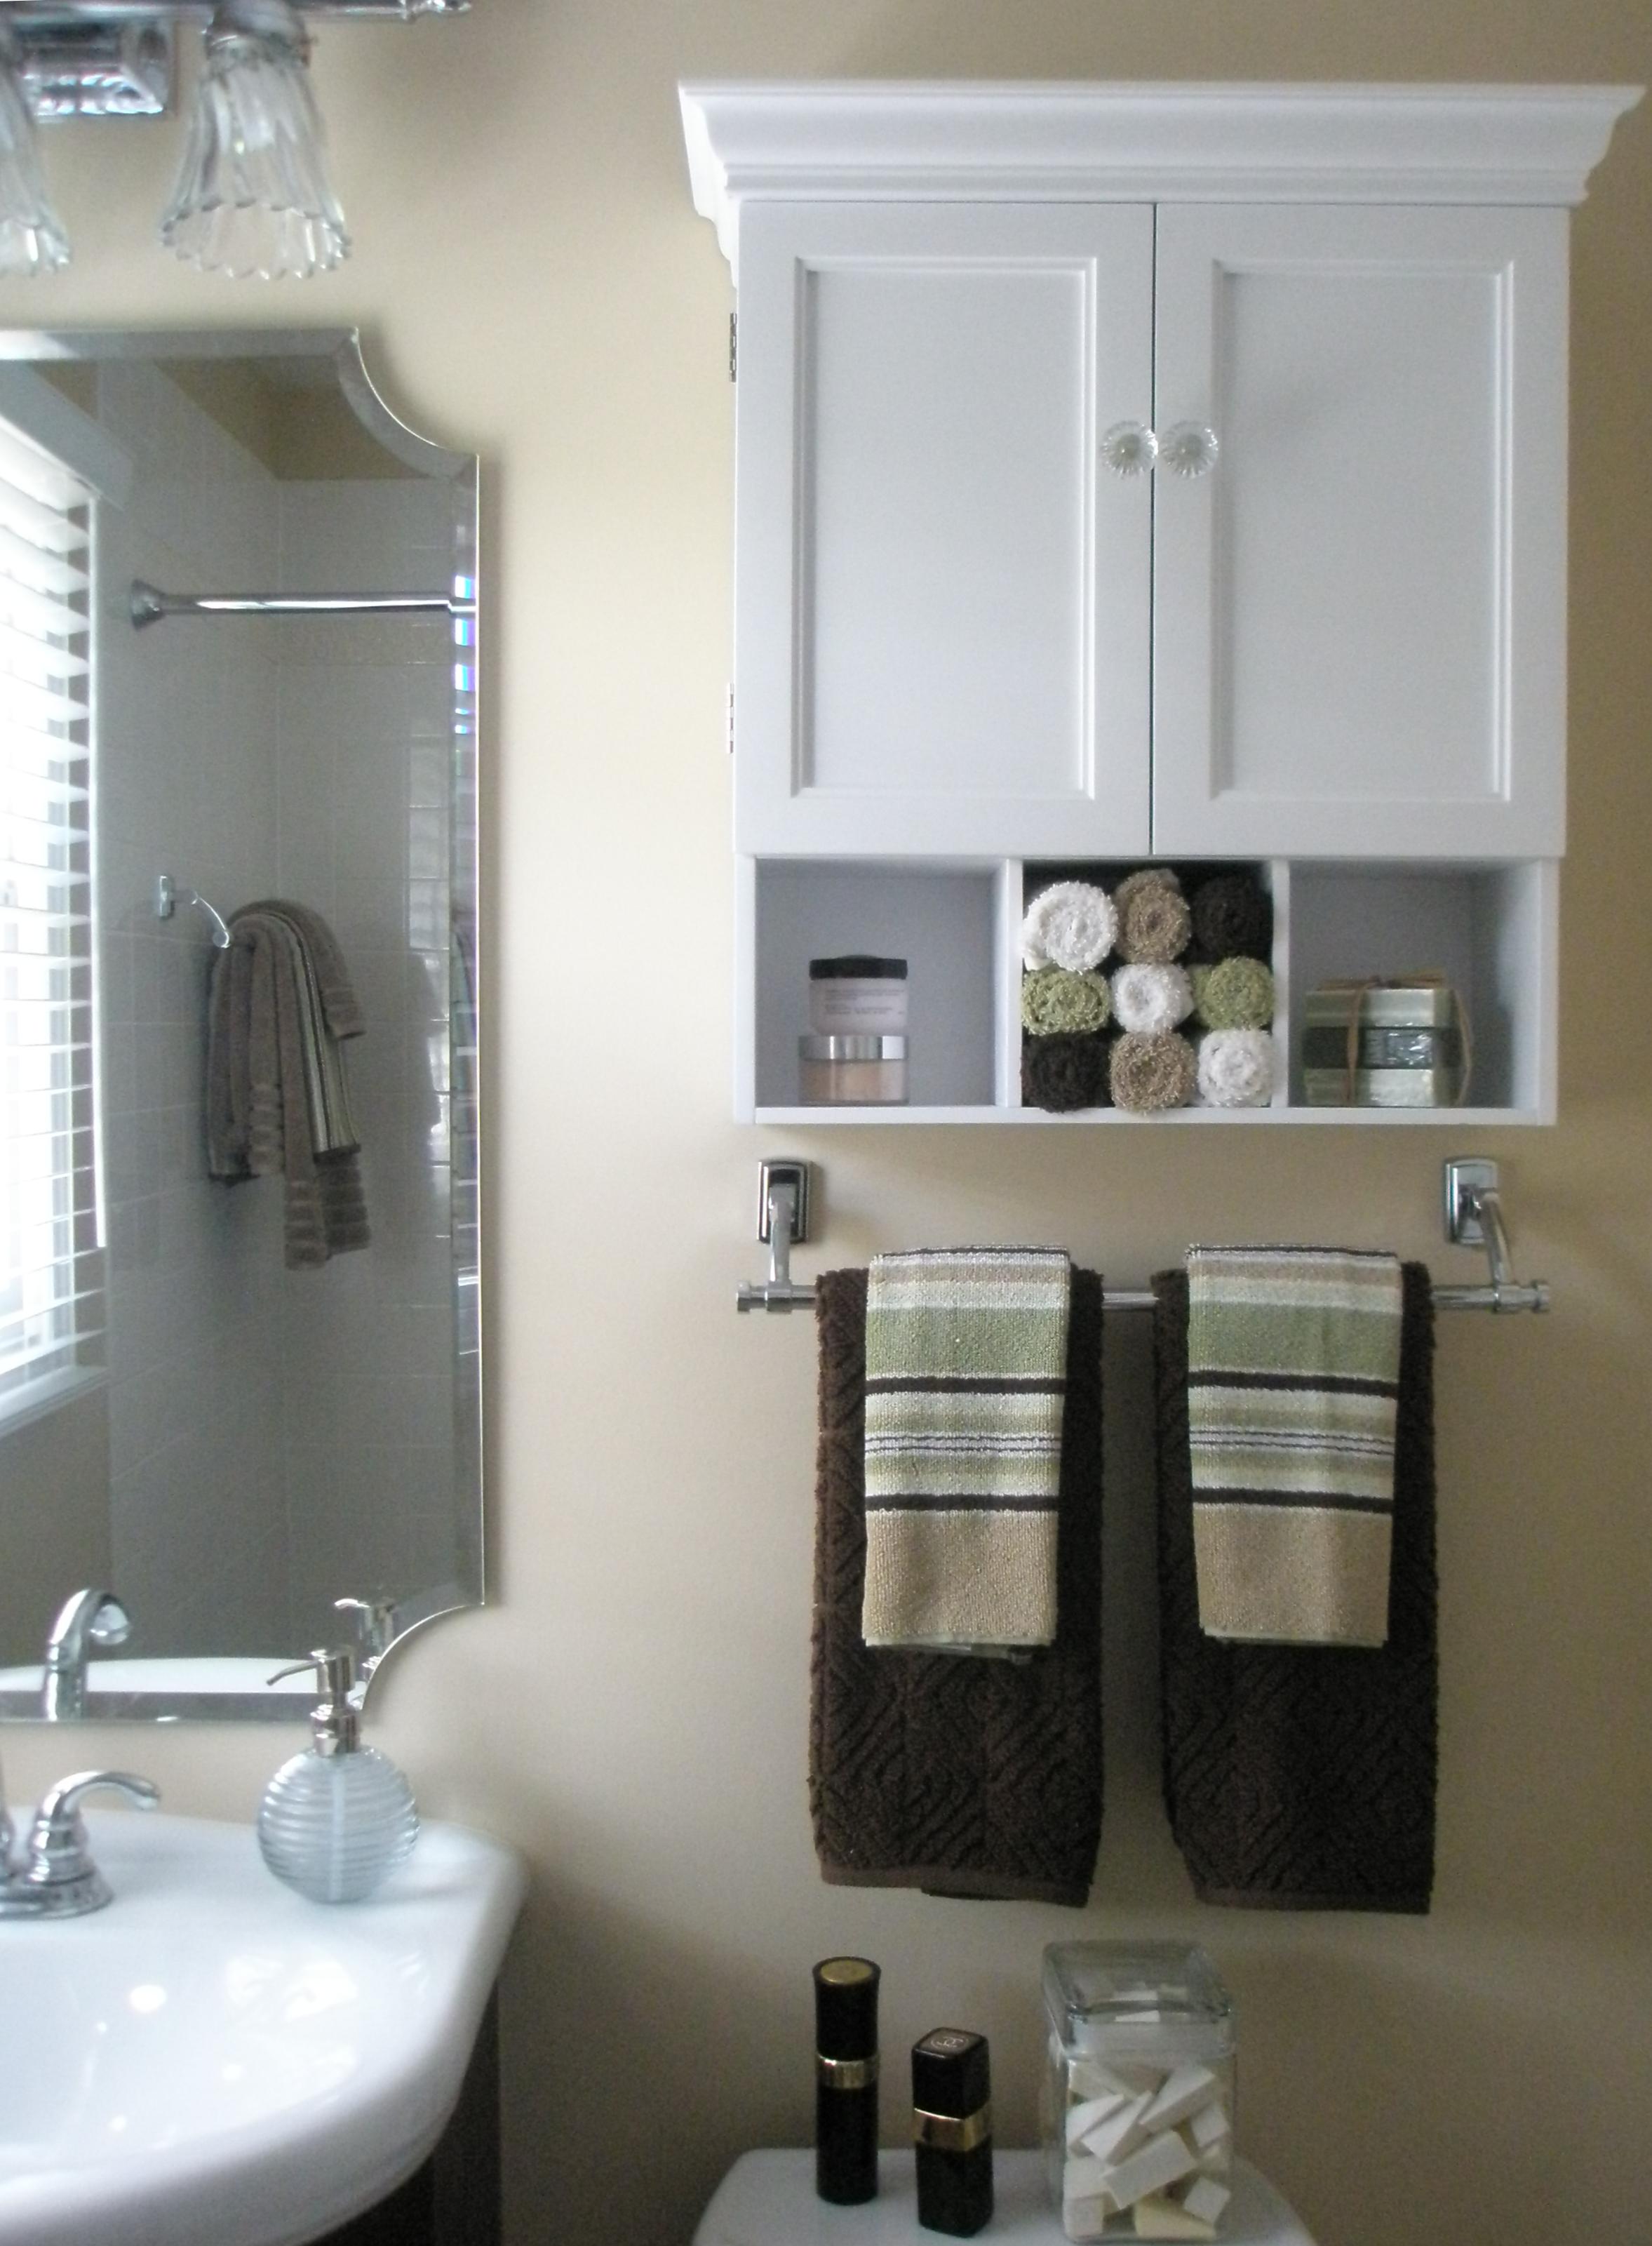 Hanllysam Graphic Design Portfolio St Edwards University  : bathroom sink from hanllysam-graphic.tamira.altervista.org size 2355 x 3201 jpeg 2765kB